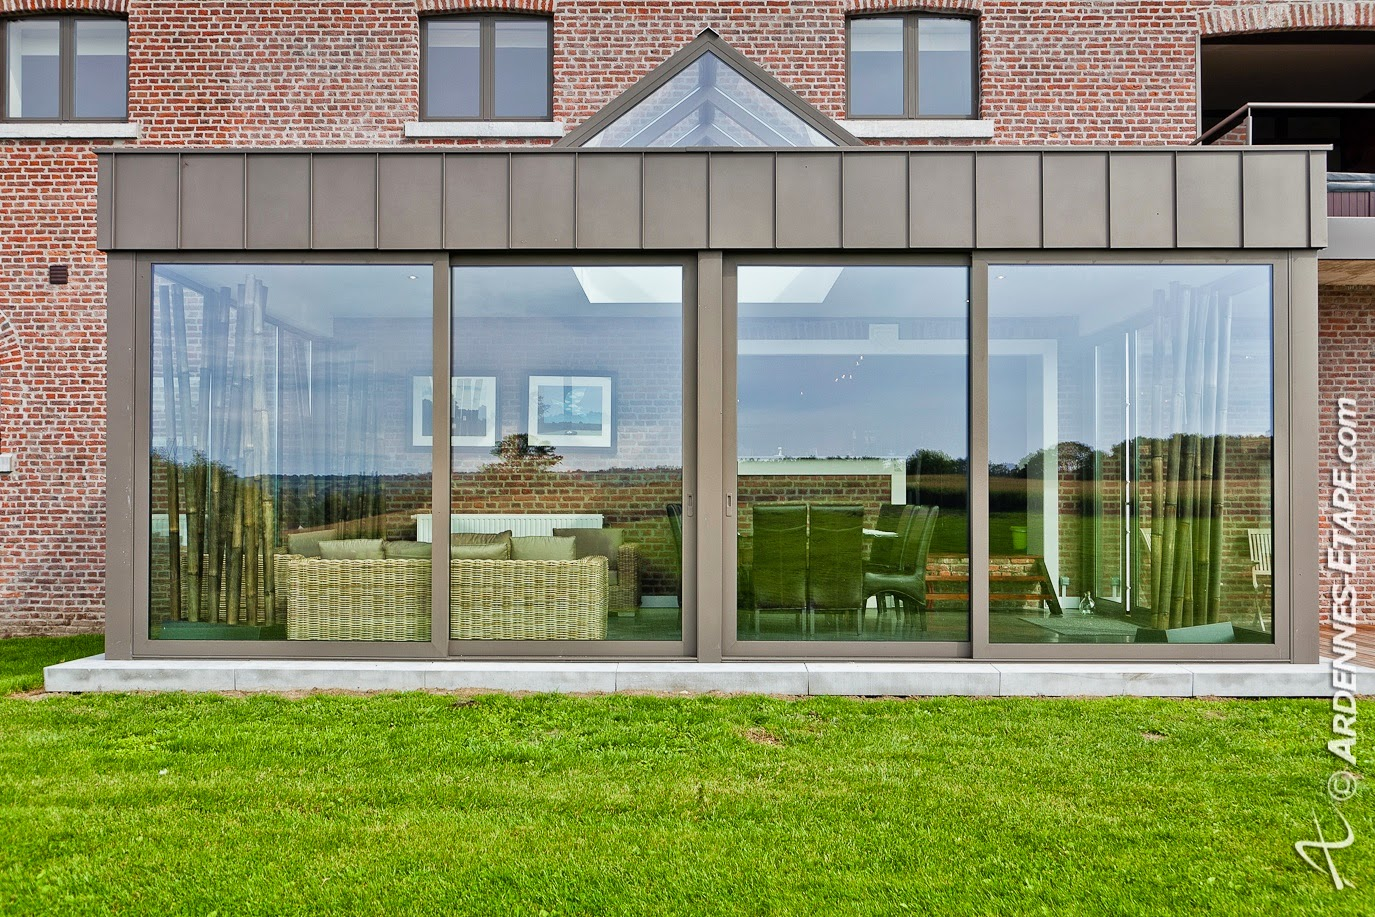 prix moyen veranda prix moyen d 39 une v randa de 15m2 veranda prix moyen au m2 prix veranda. Black Bedroom Furniture Sets. Home Design Ideas